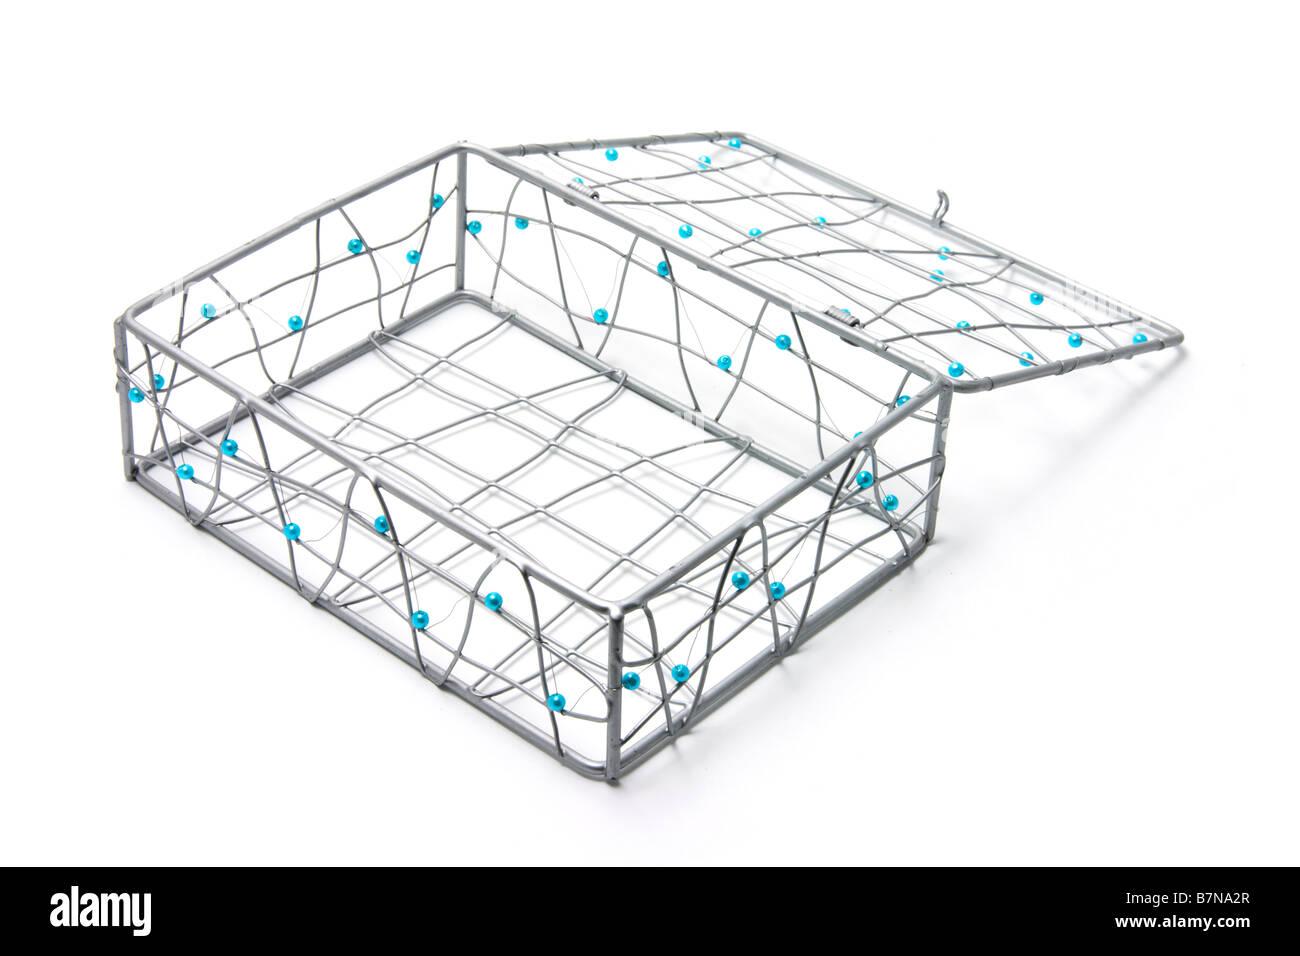 Beaded Wire Stockfotos & Beaded Wire Bilder - Alamy